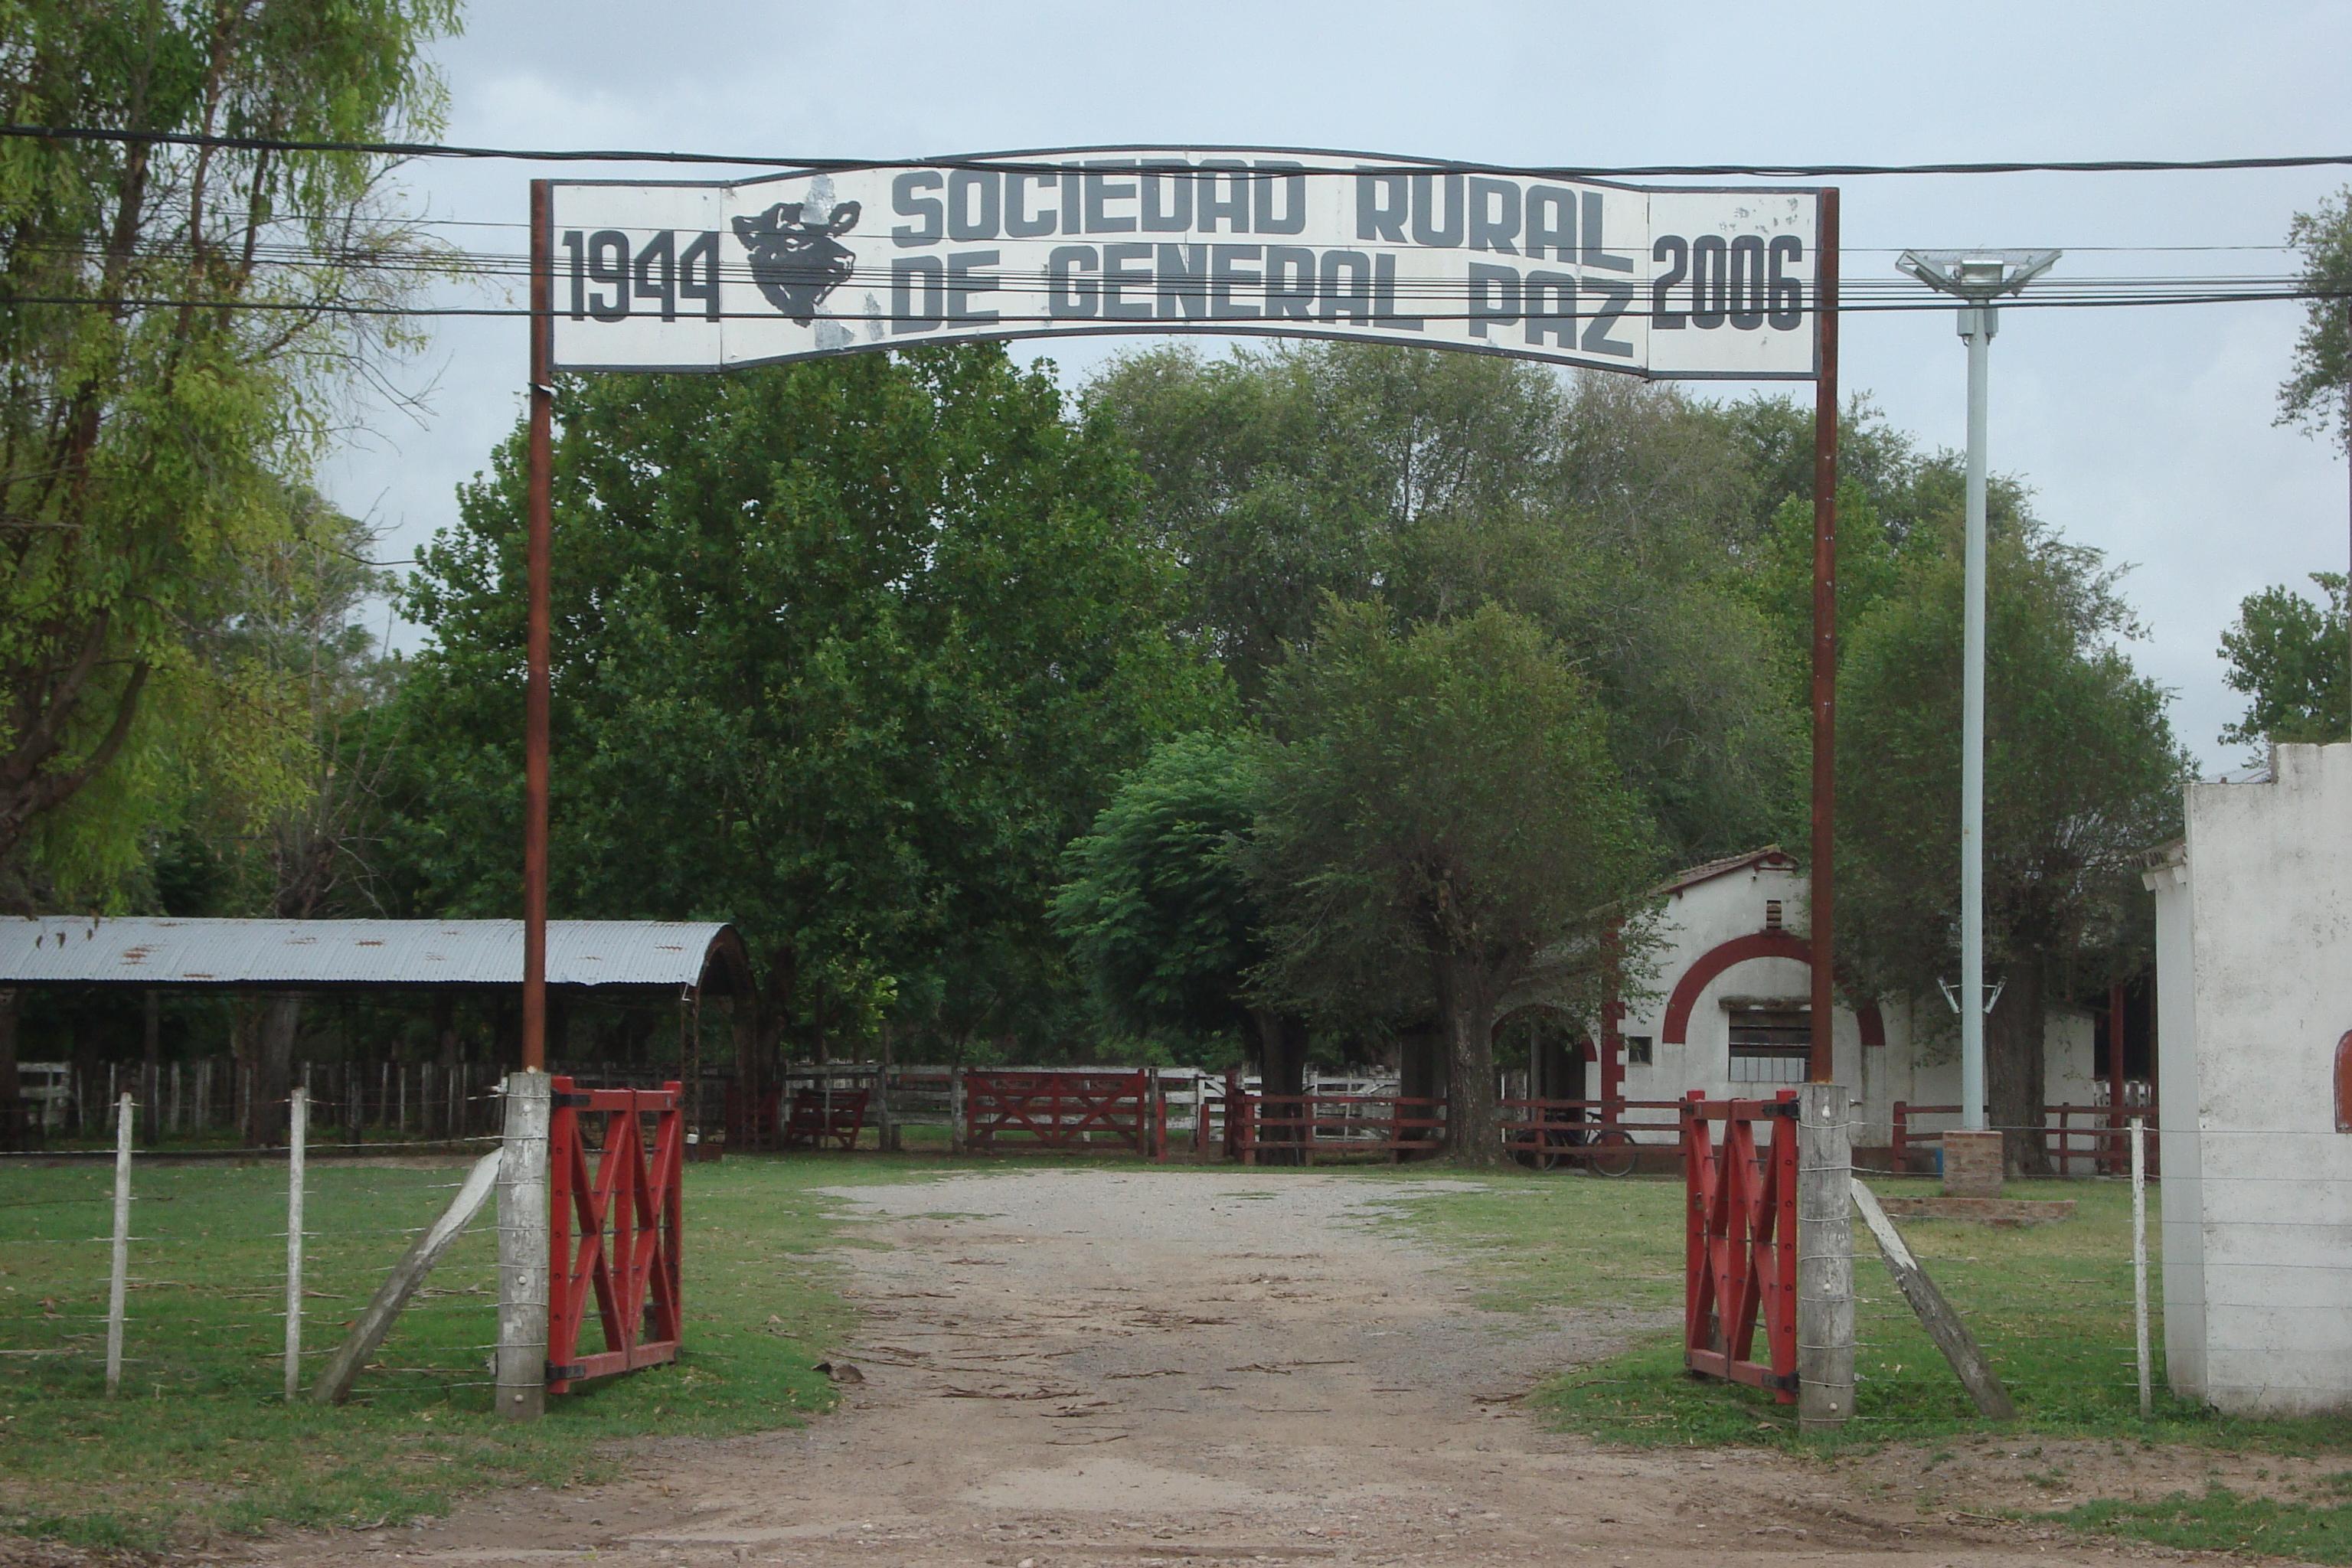 Ya está casi listo el proyecto de tierras que ingresará al HCD. La S. Rural comunicó que trabaja para trasladar sus locales ferias